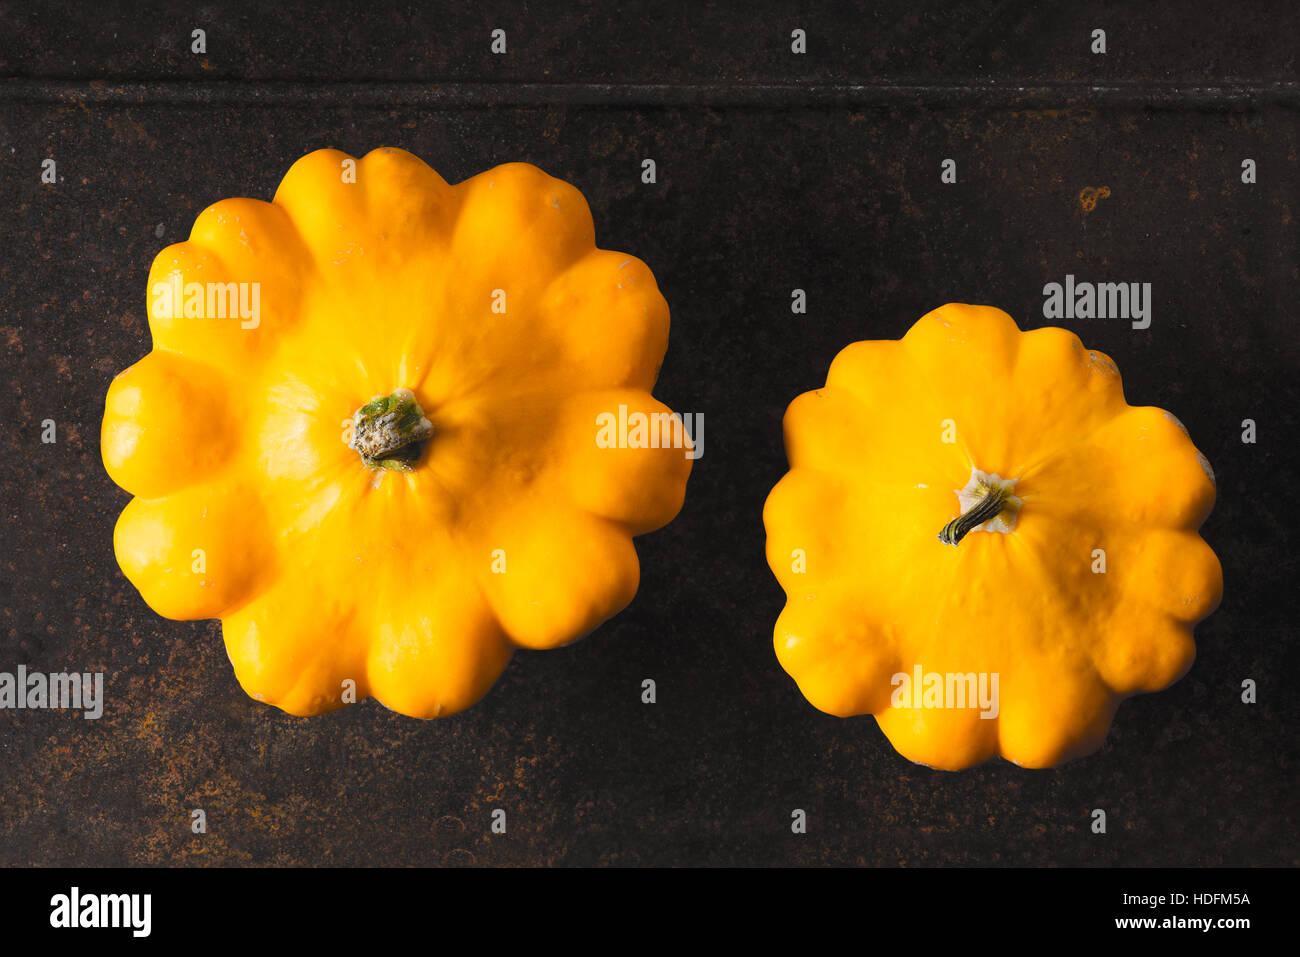 Pattypan frais jaune squash sur le métal rouillé horizontal d'arrière-plan Photo Stock